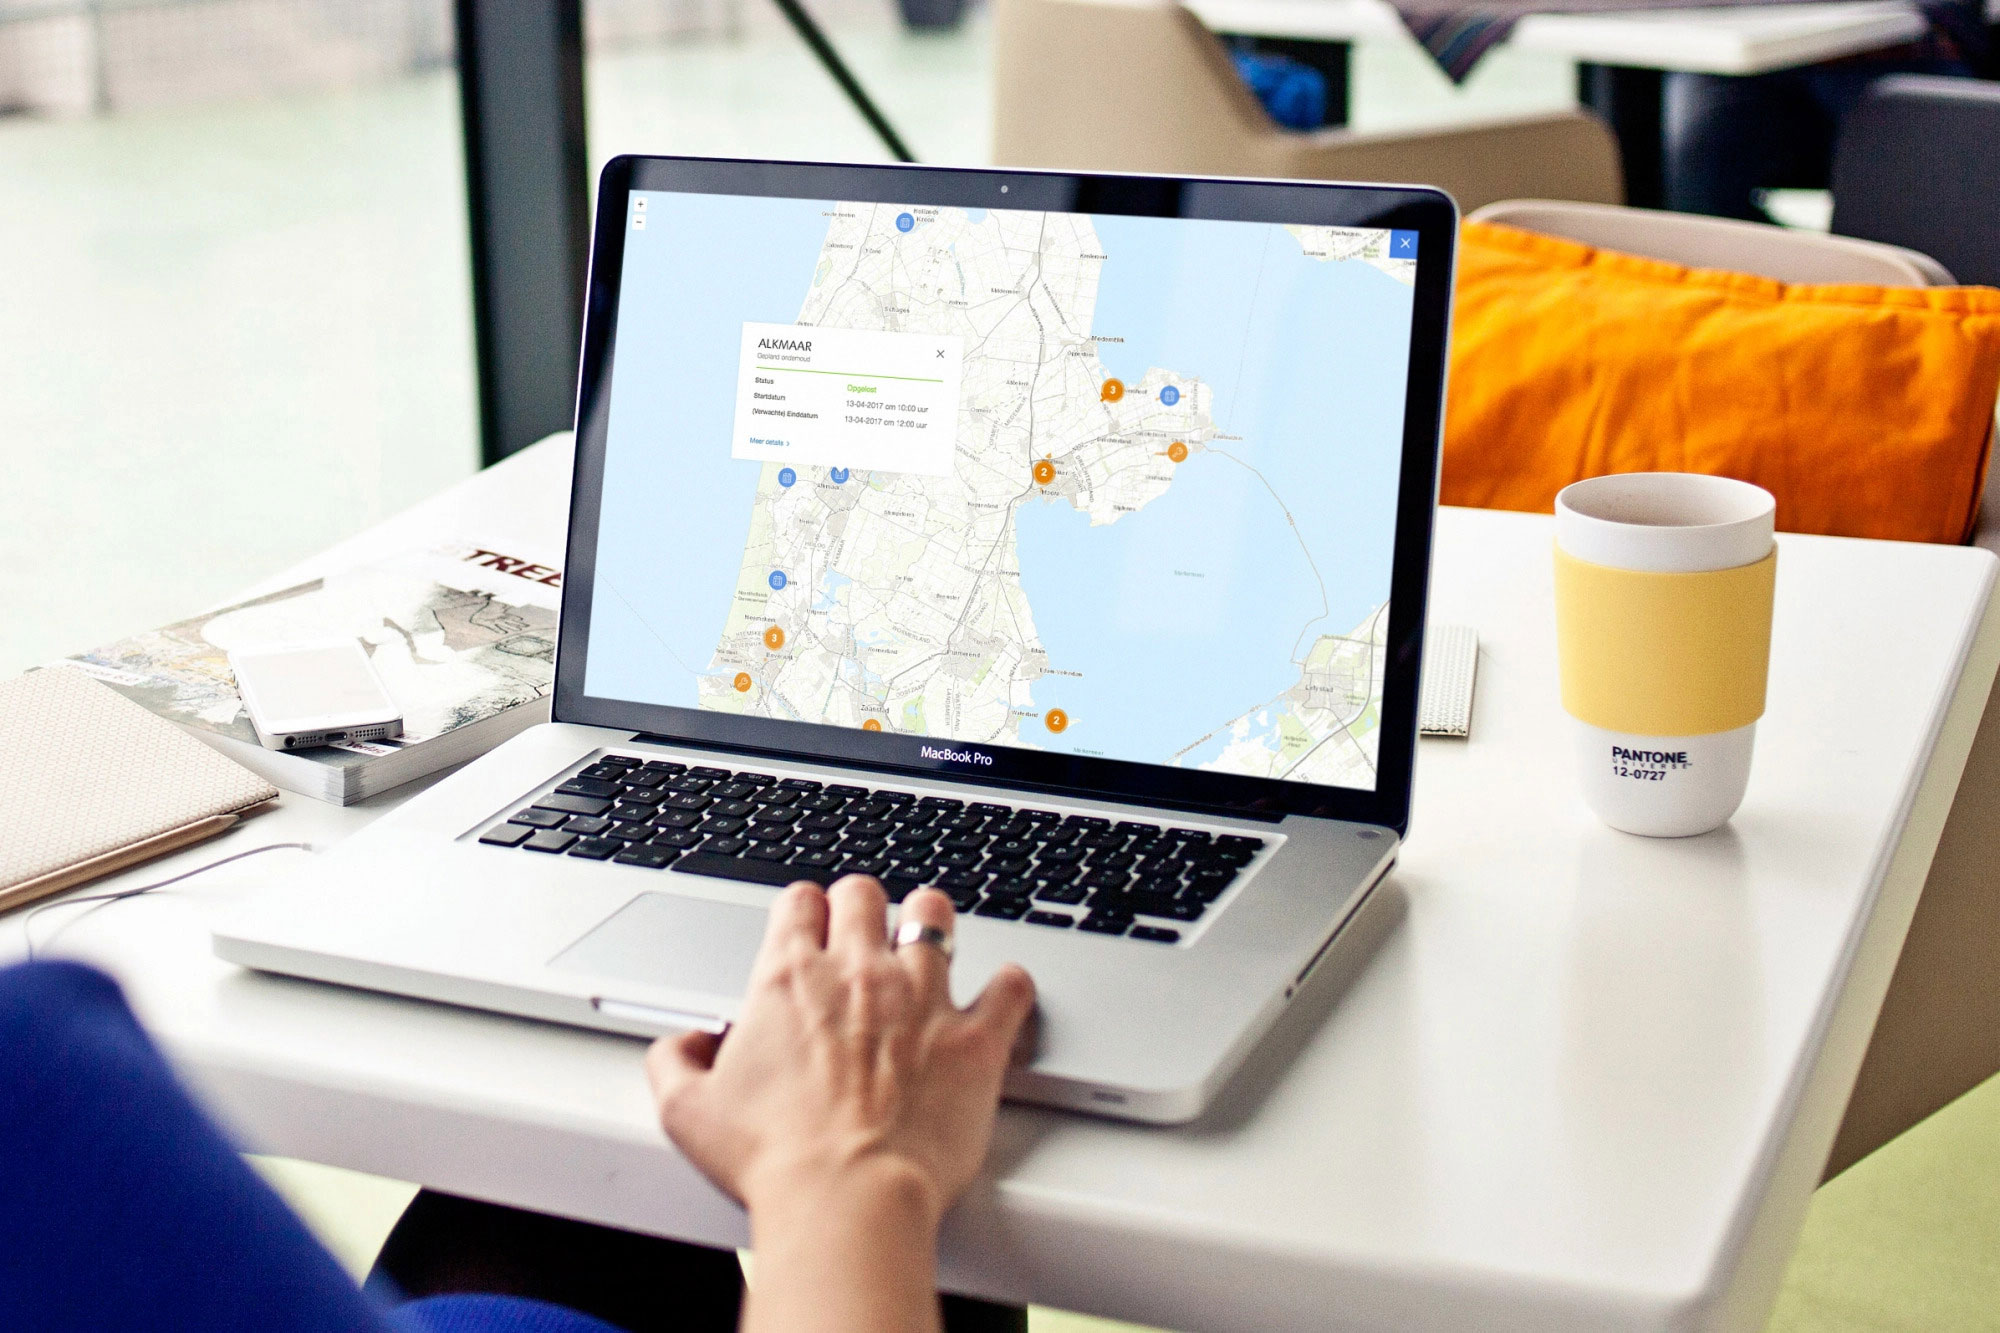 Sfeerafbeelding van een persoon die de storingskaart op de PWN site aan het controleren is